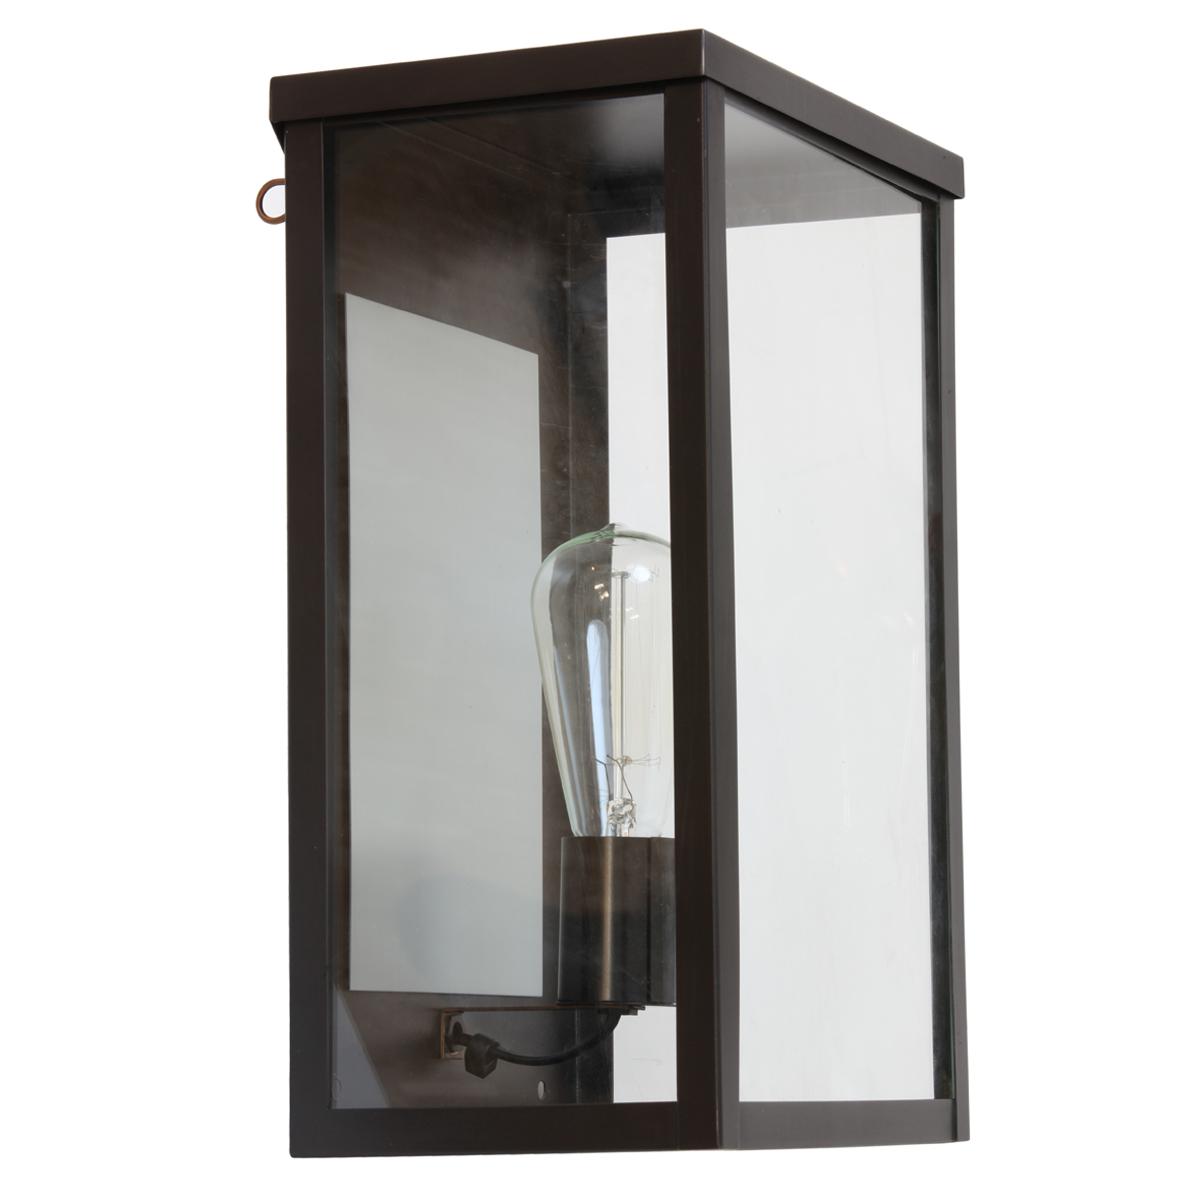 gro e flache wandleuchte f r au en brotteaux gm terra lumi. Black Bedroom Furniture Sets. Home Design Ideas